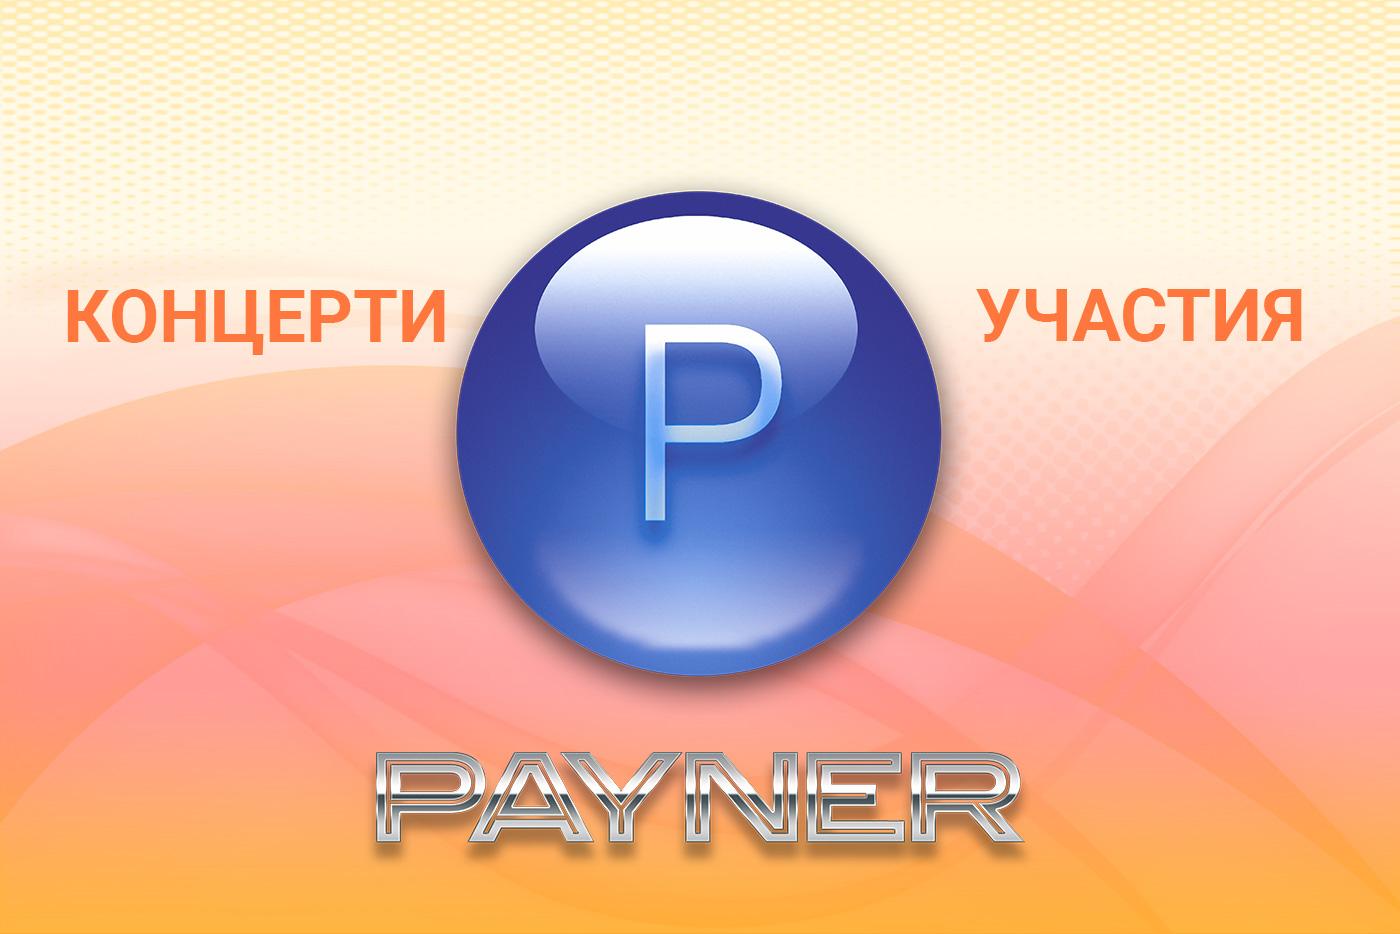 """Участия на звездите на """"Пайнер"""" на 22.02.2019"""